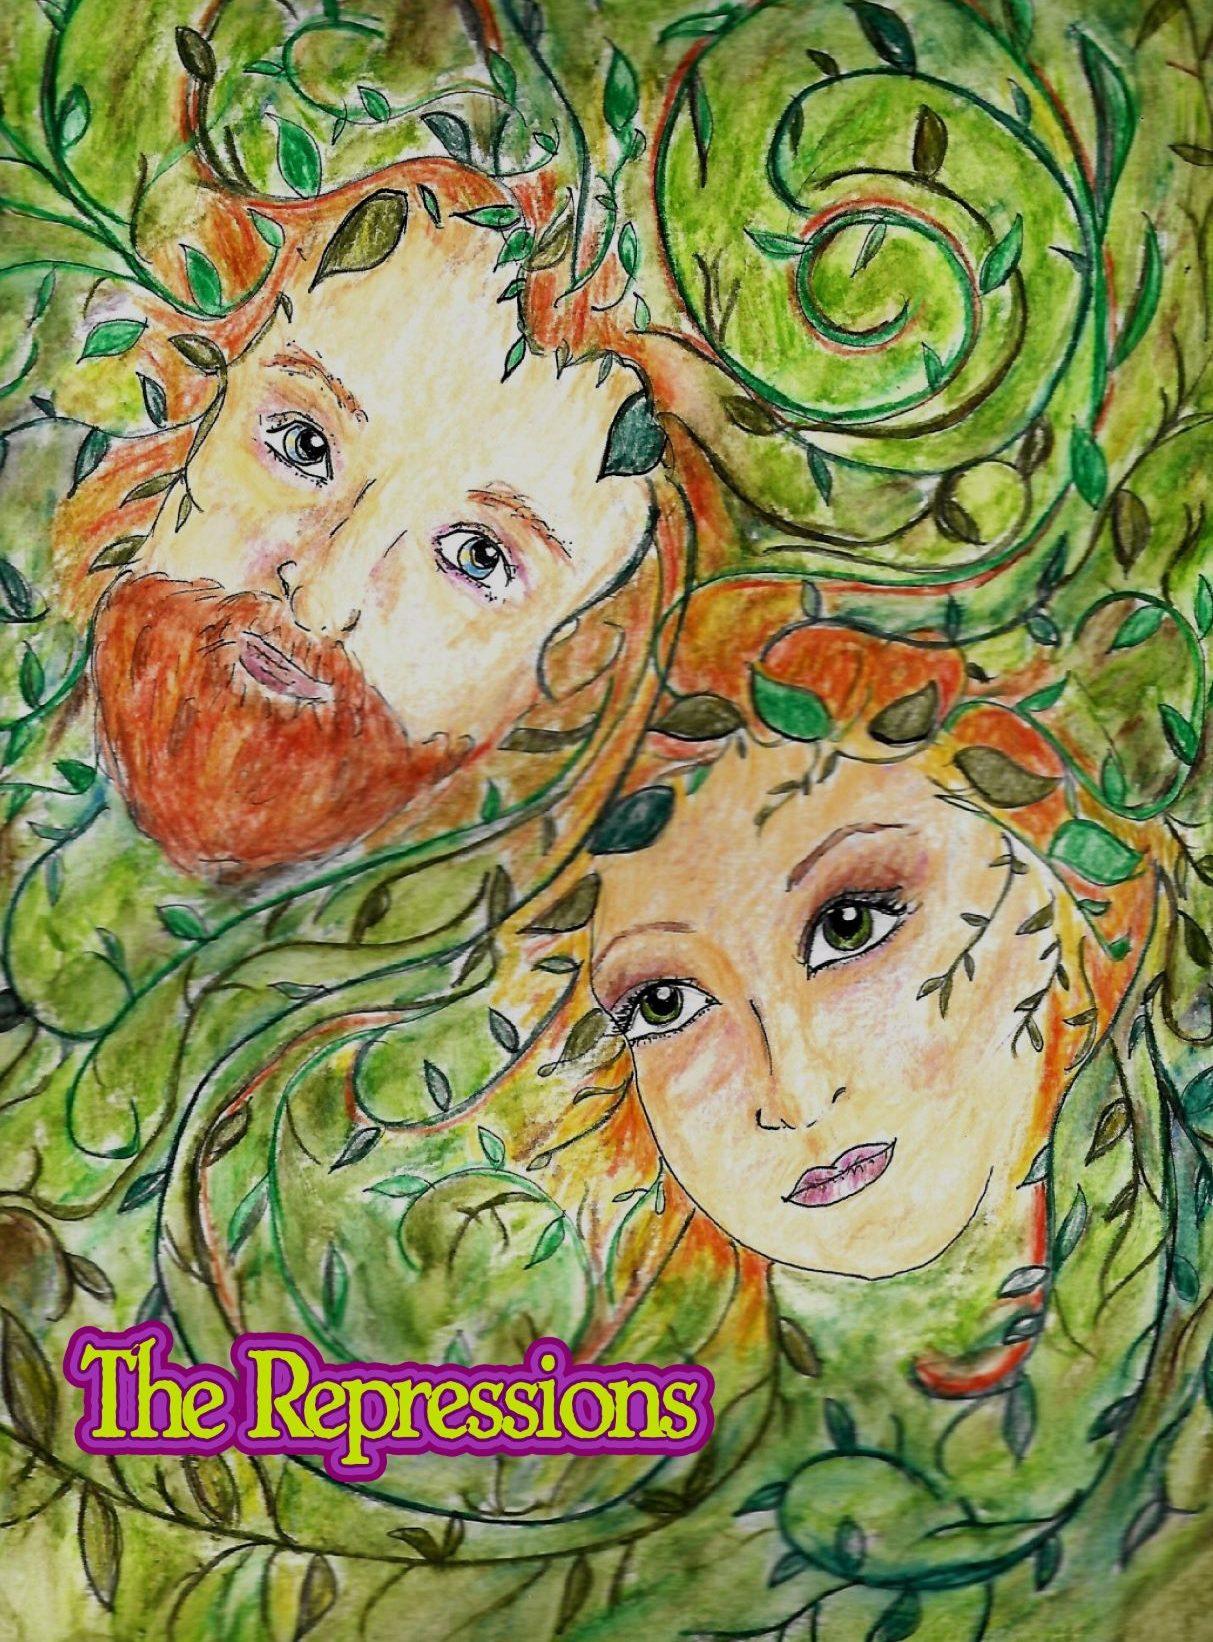 The Repressions